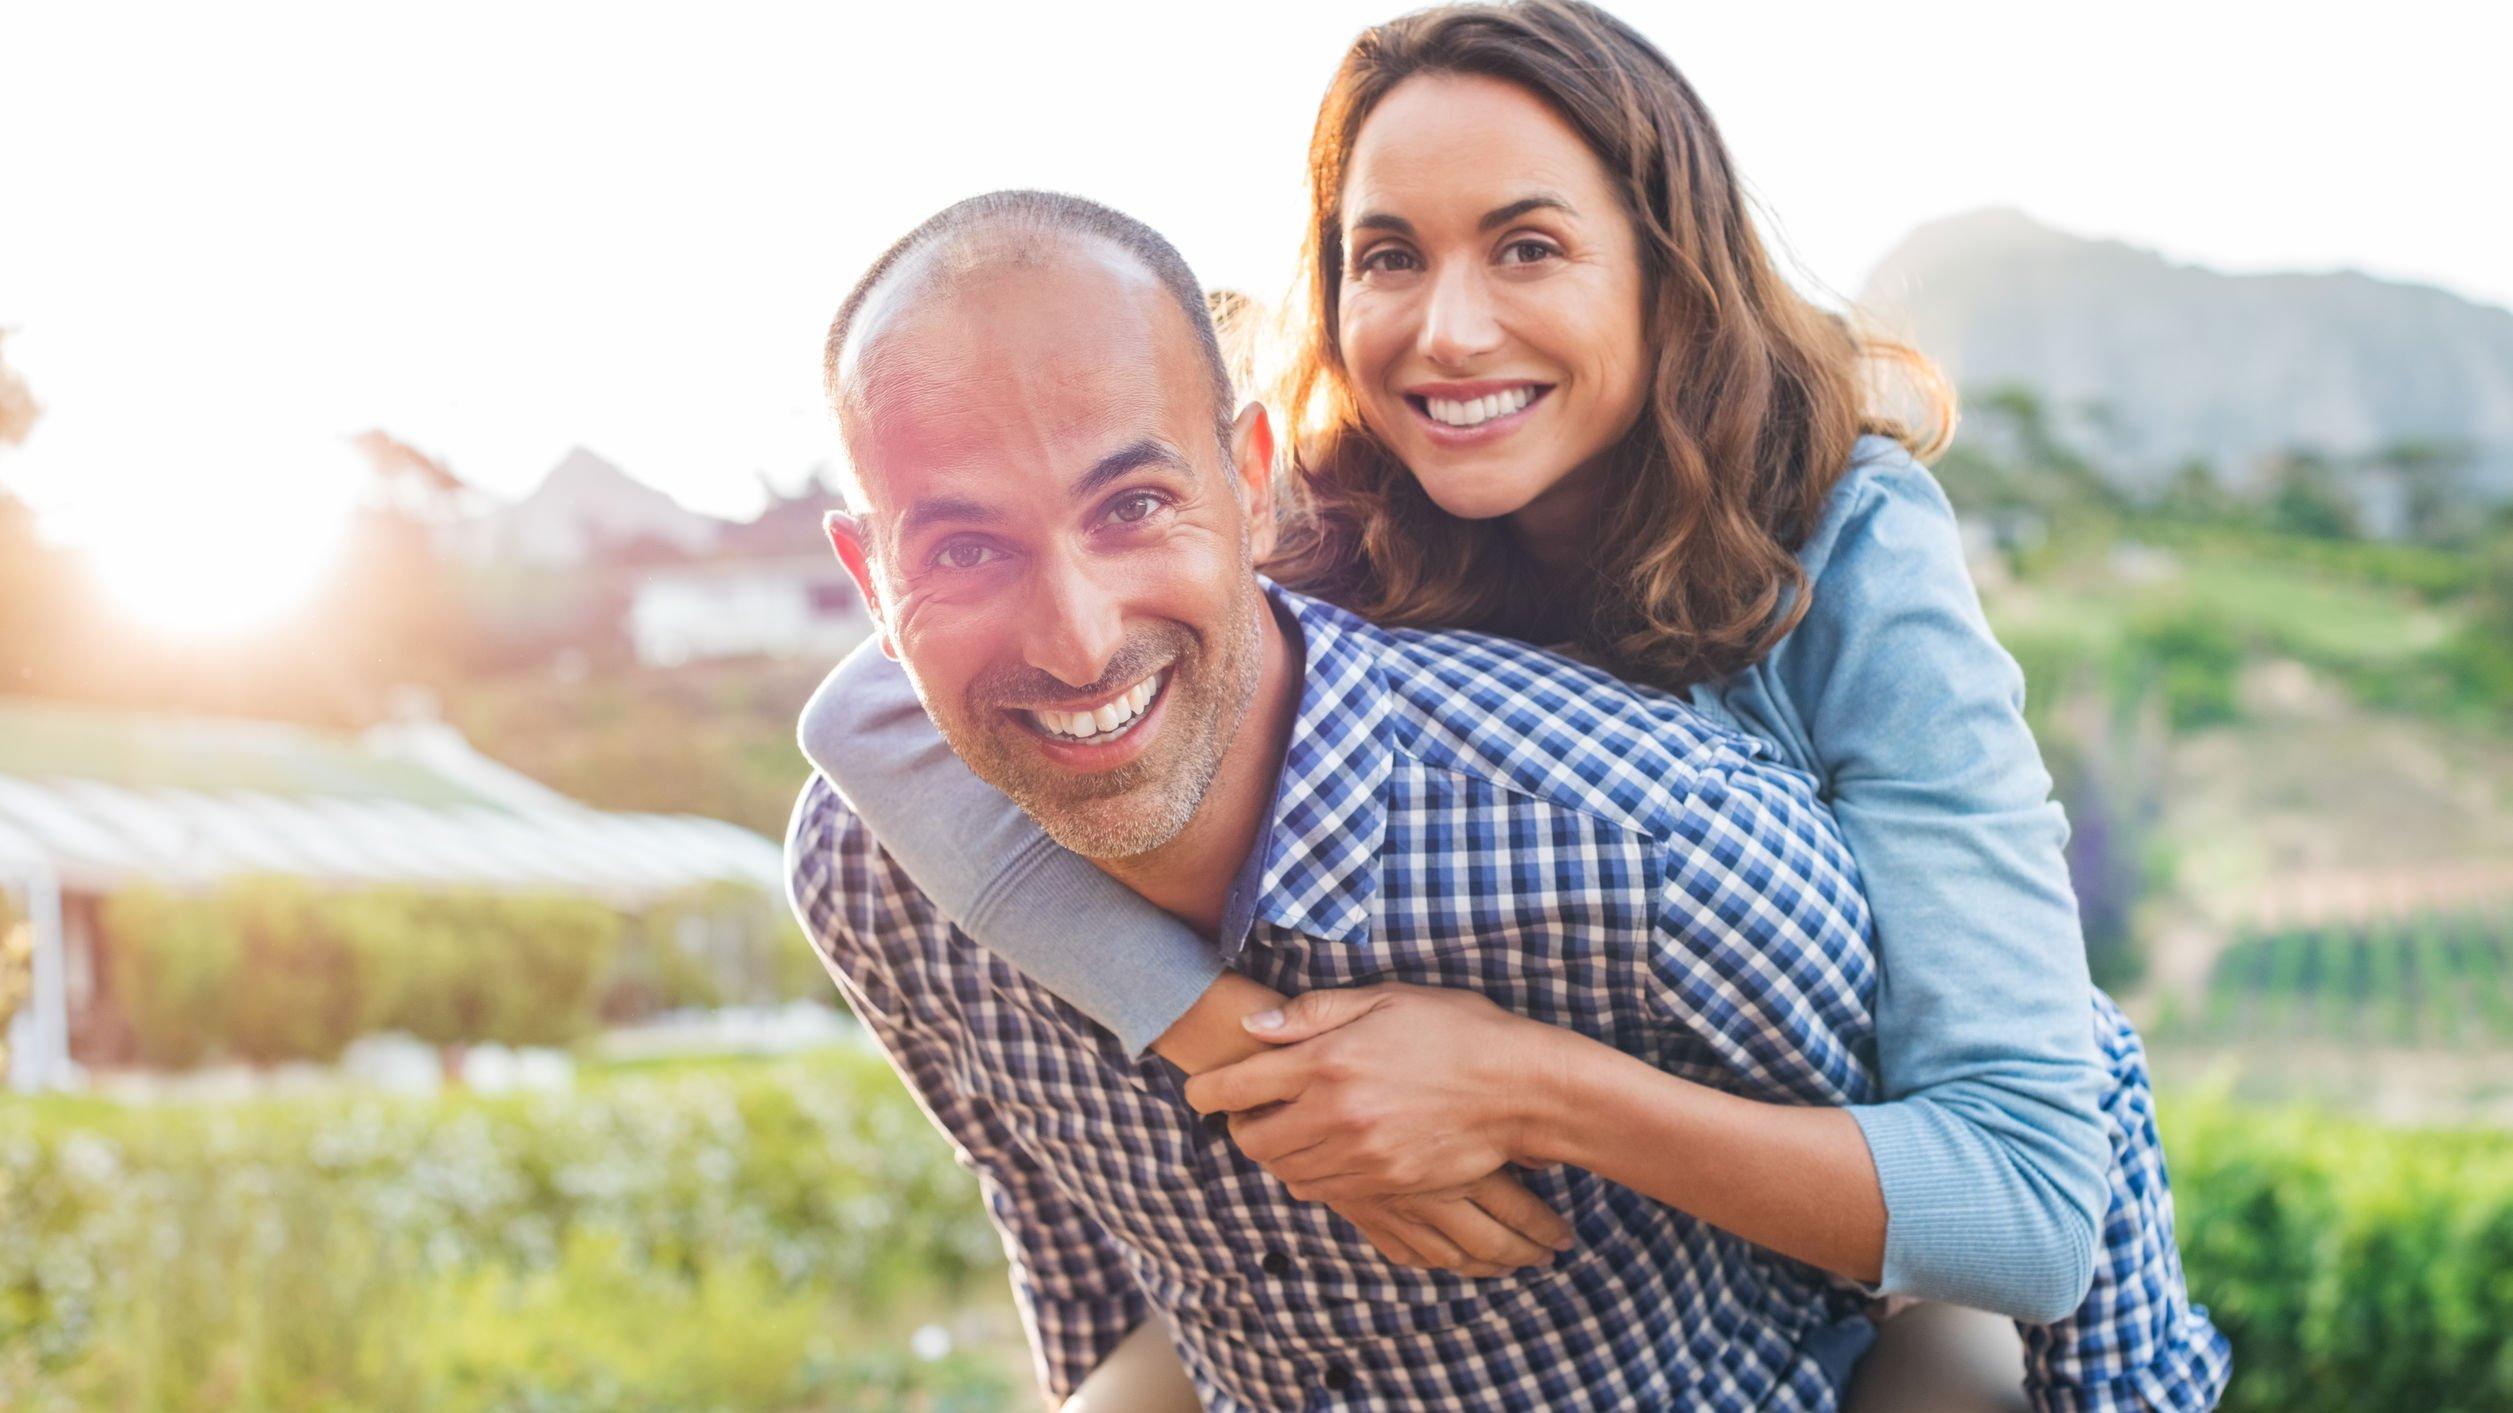 Homem segurando mulher nas costas, os dois estão sorrindo em um campo durante um dia ensolarado